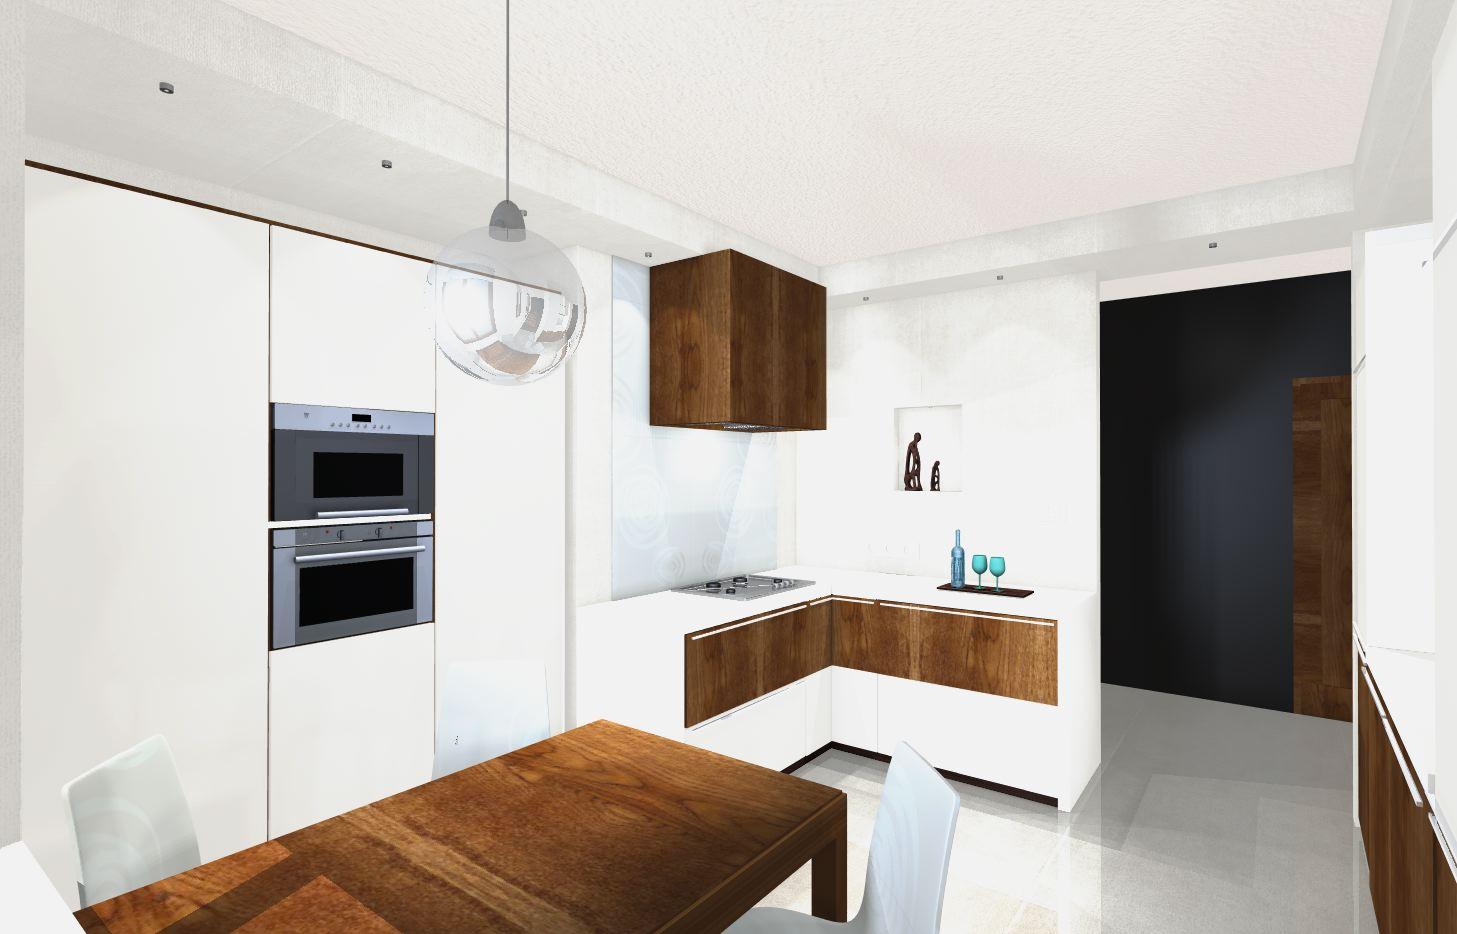 kuchni nowoczesnych kuchnia -> Inspiracje Kuchni Nowoczesnych